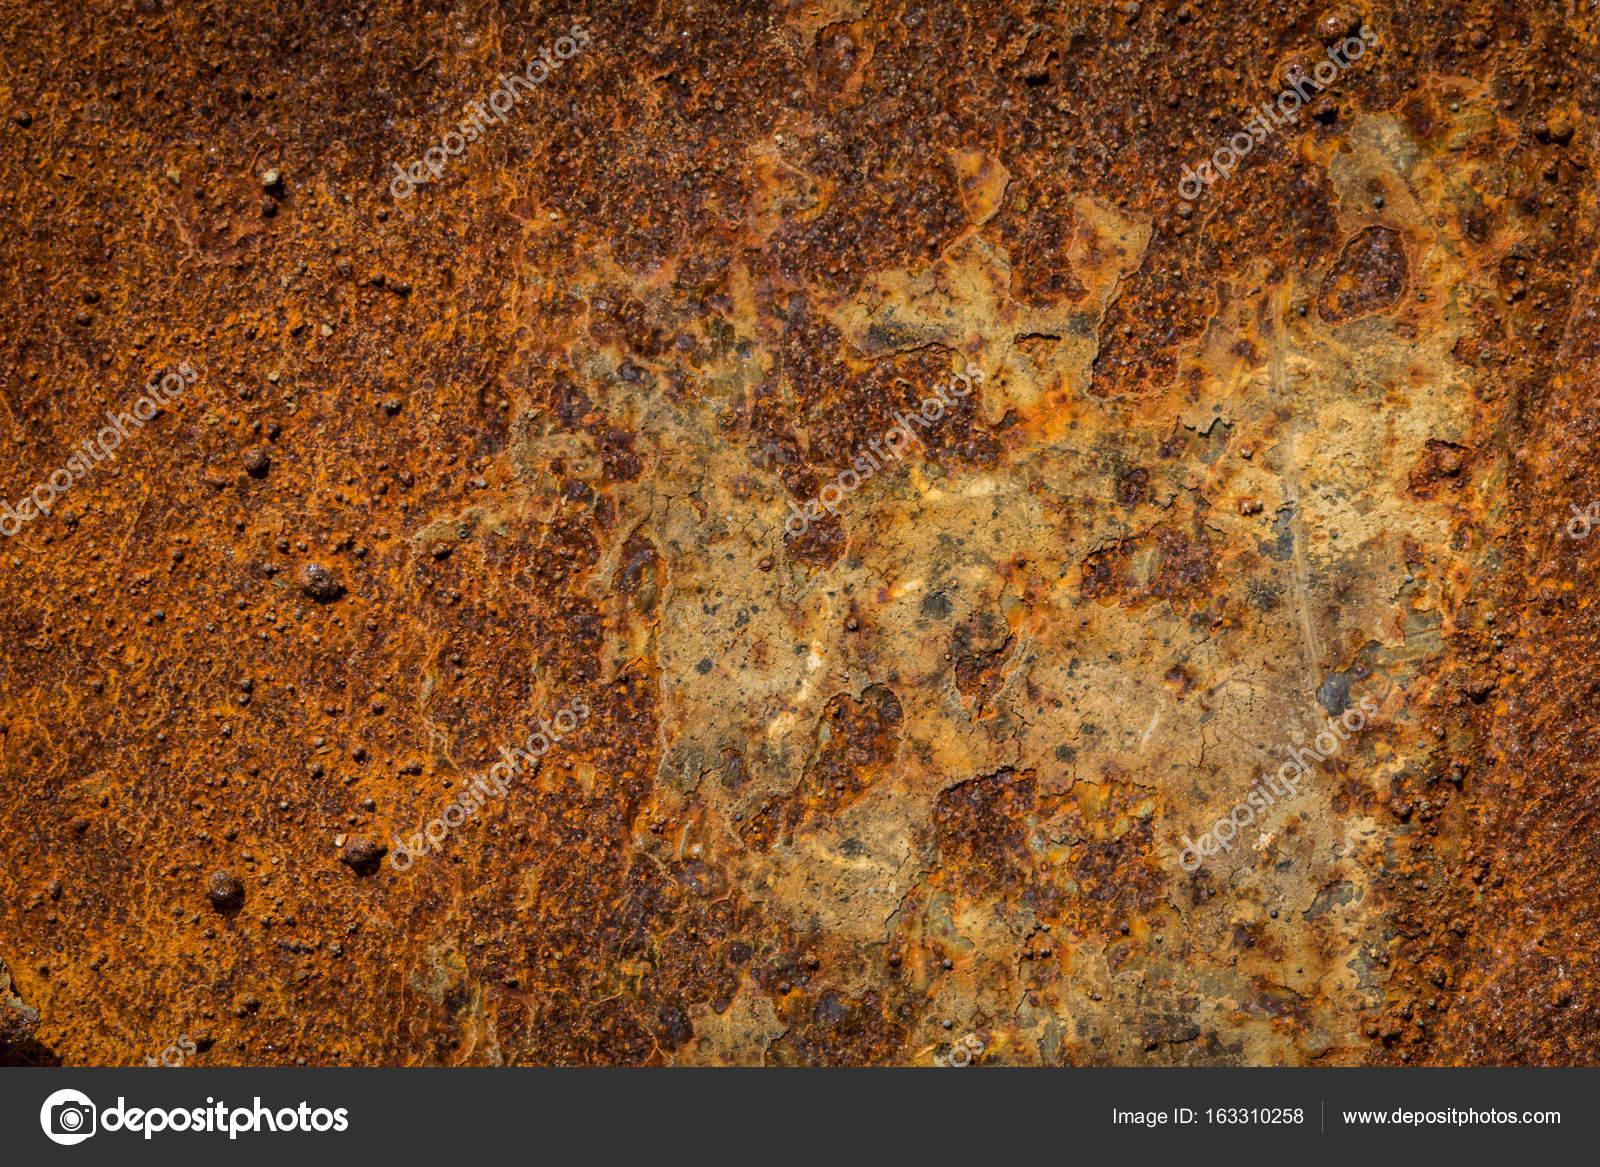 Wandfarbe Rost wandfarbe oberfläche rost und alten risse stockfoto kaewphoto